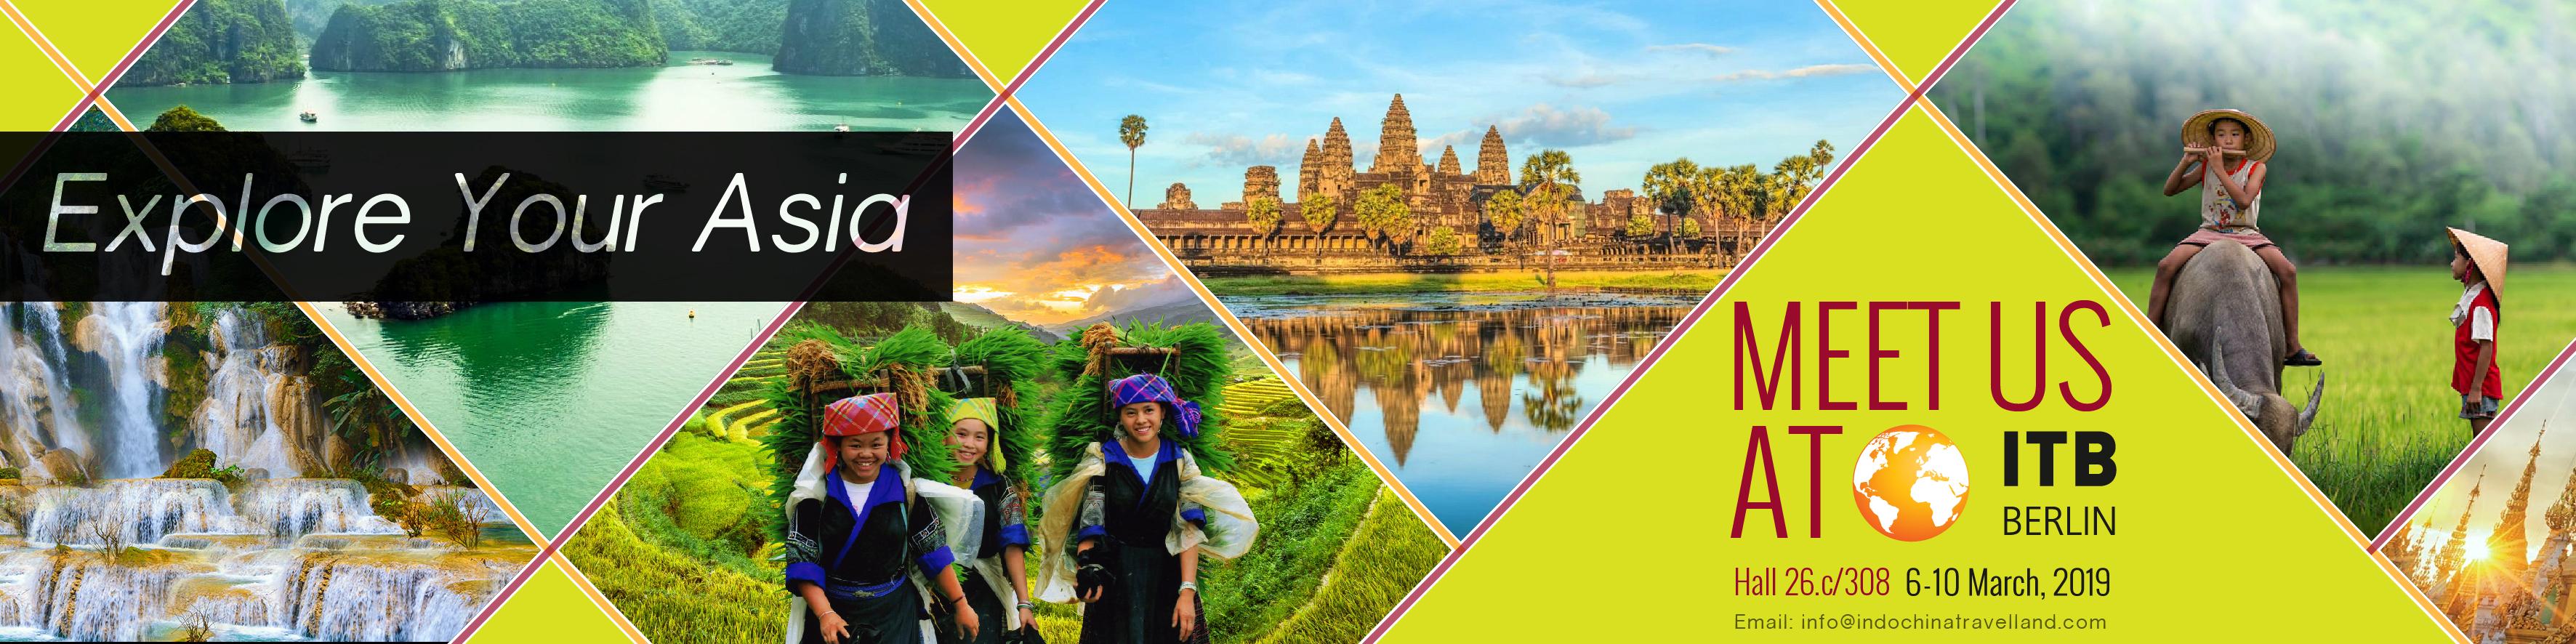 https://www.itb-berlin.de/en/https://www.virtualmarket.itb-berlin.de/en/Indochina-Travelland,c537800